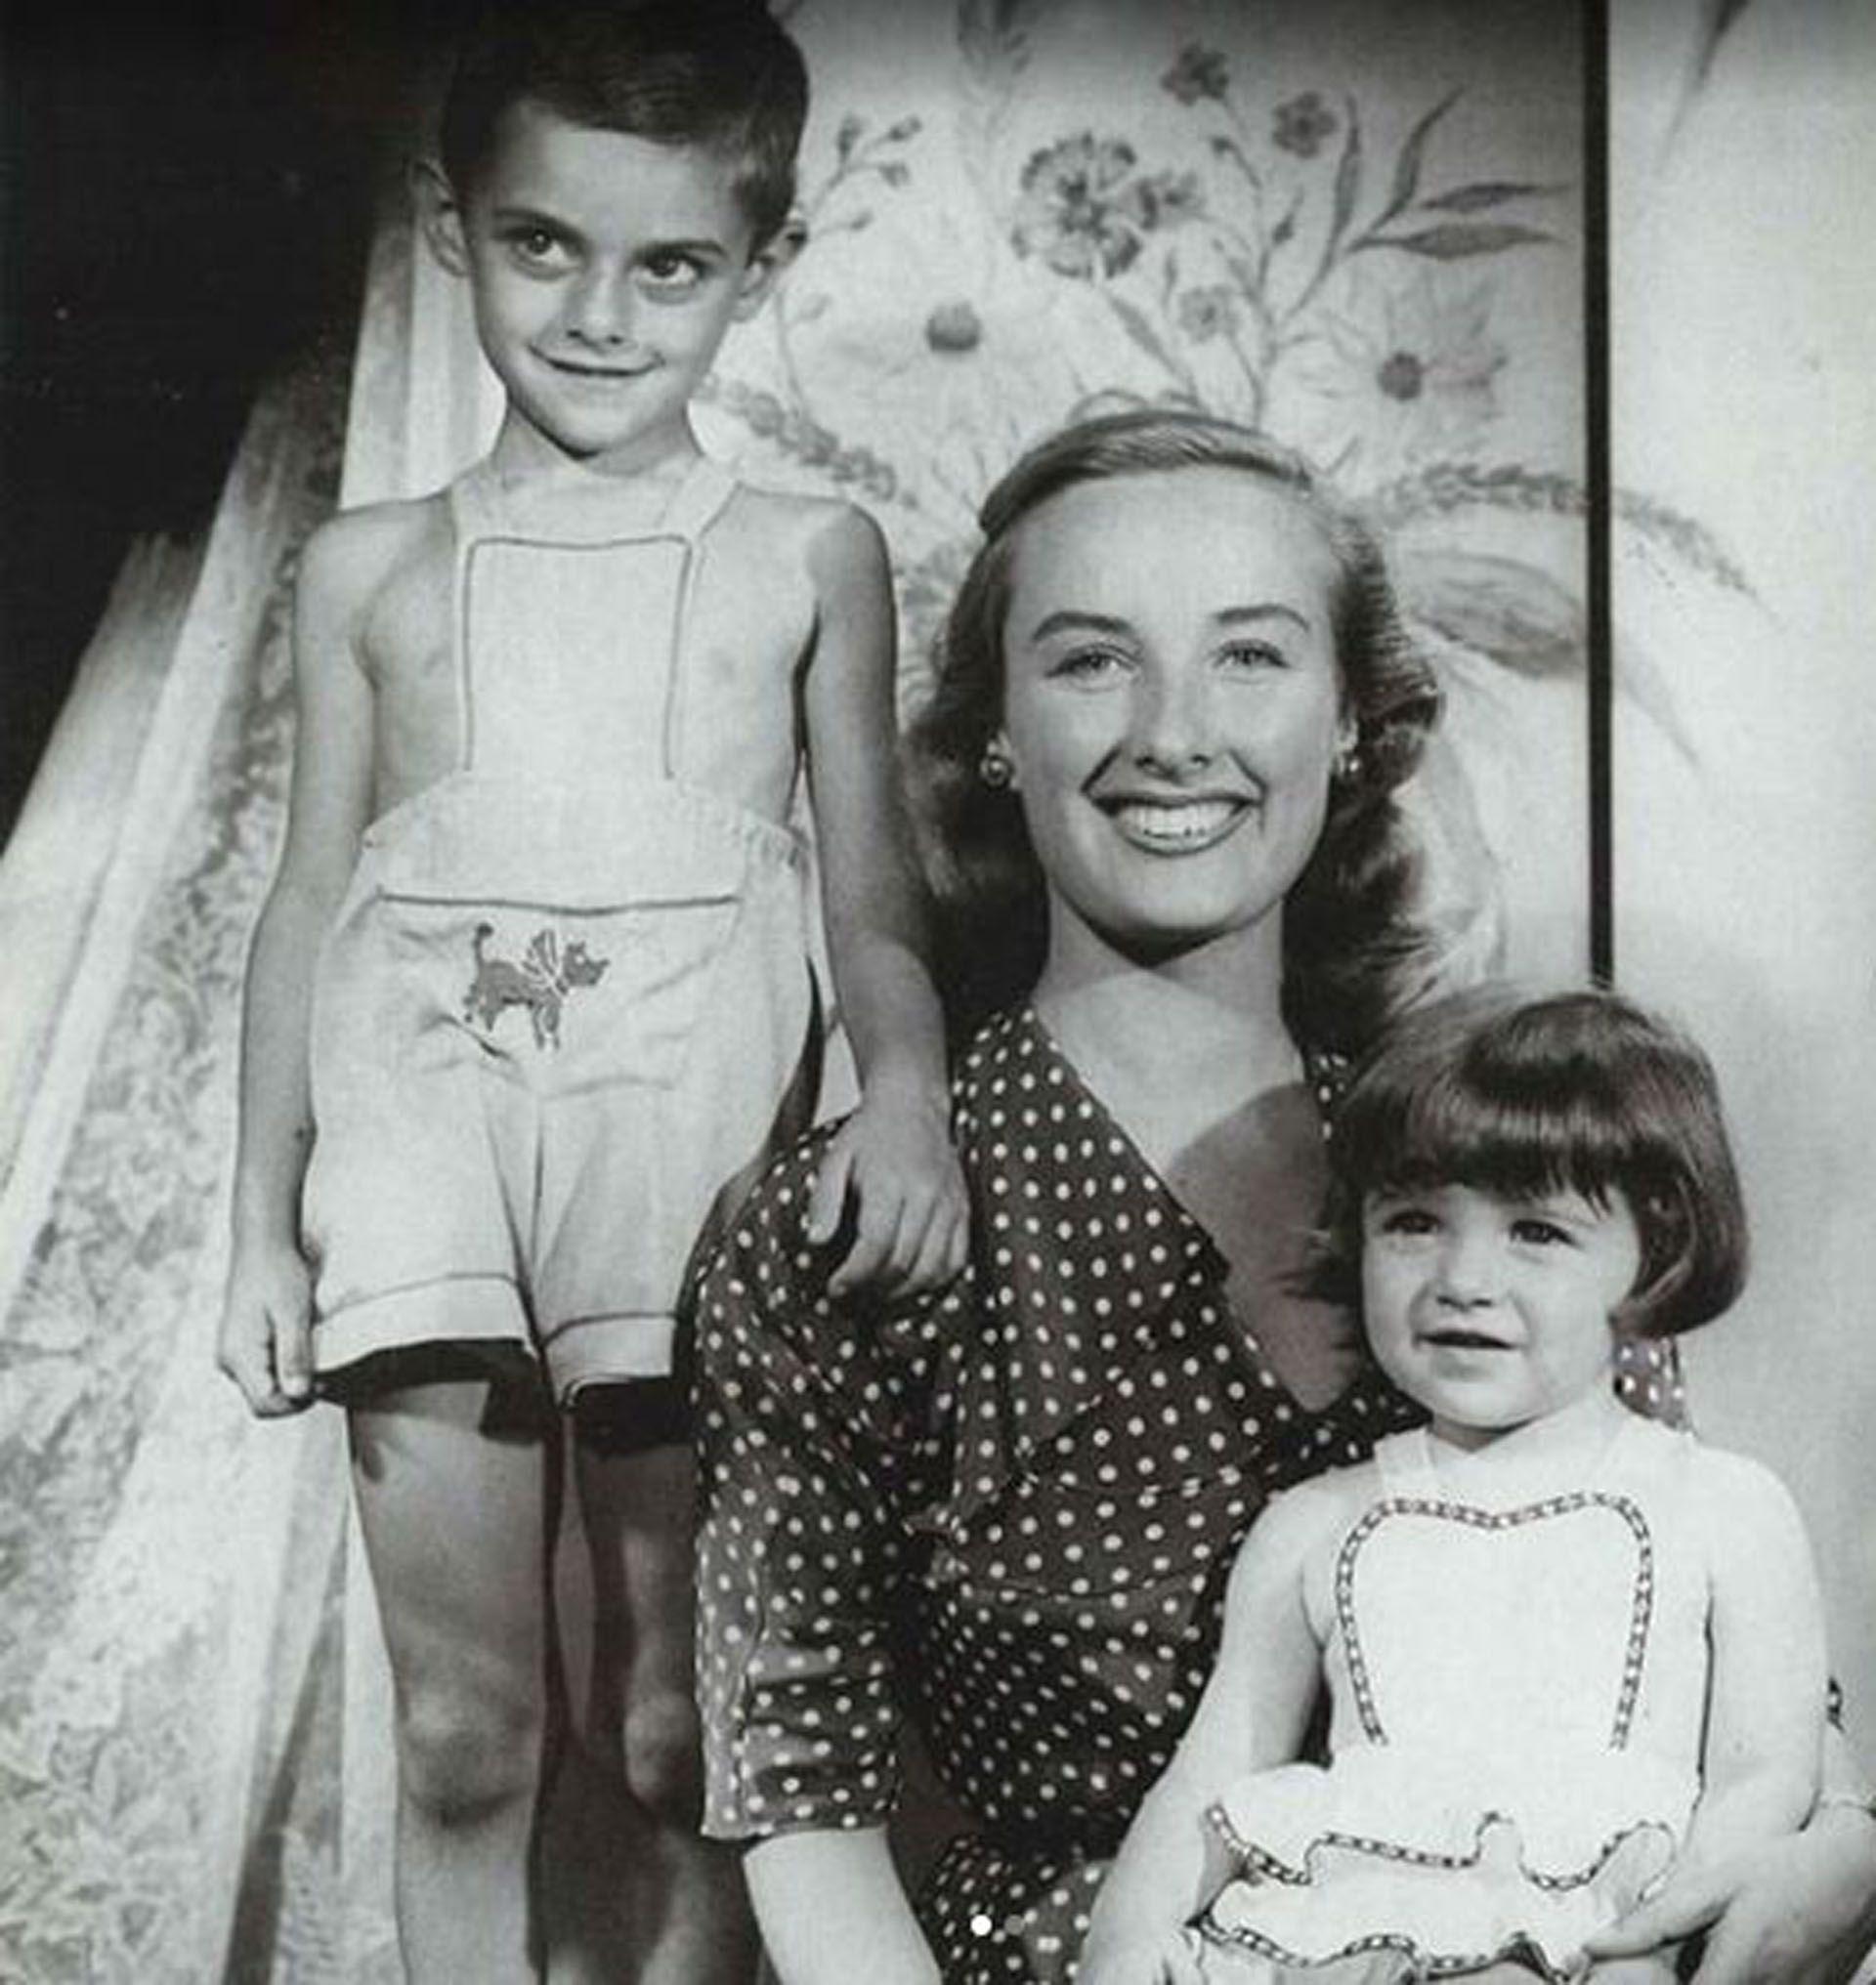 El otro retrato que publicó la diva junto a sus hijos (Foto: Instagram)